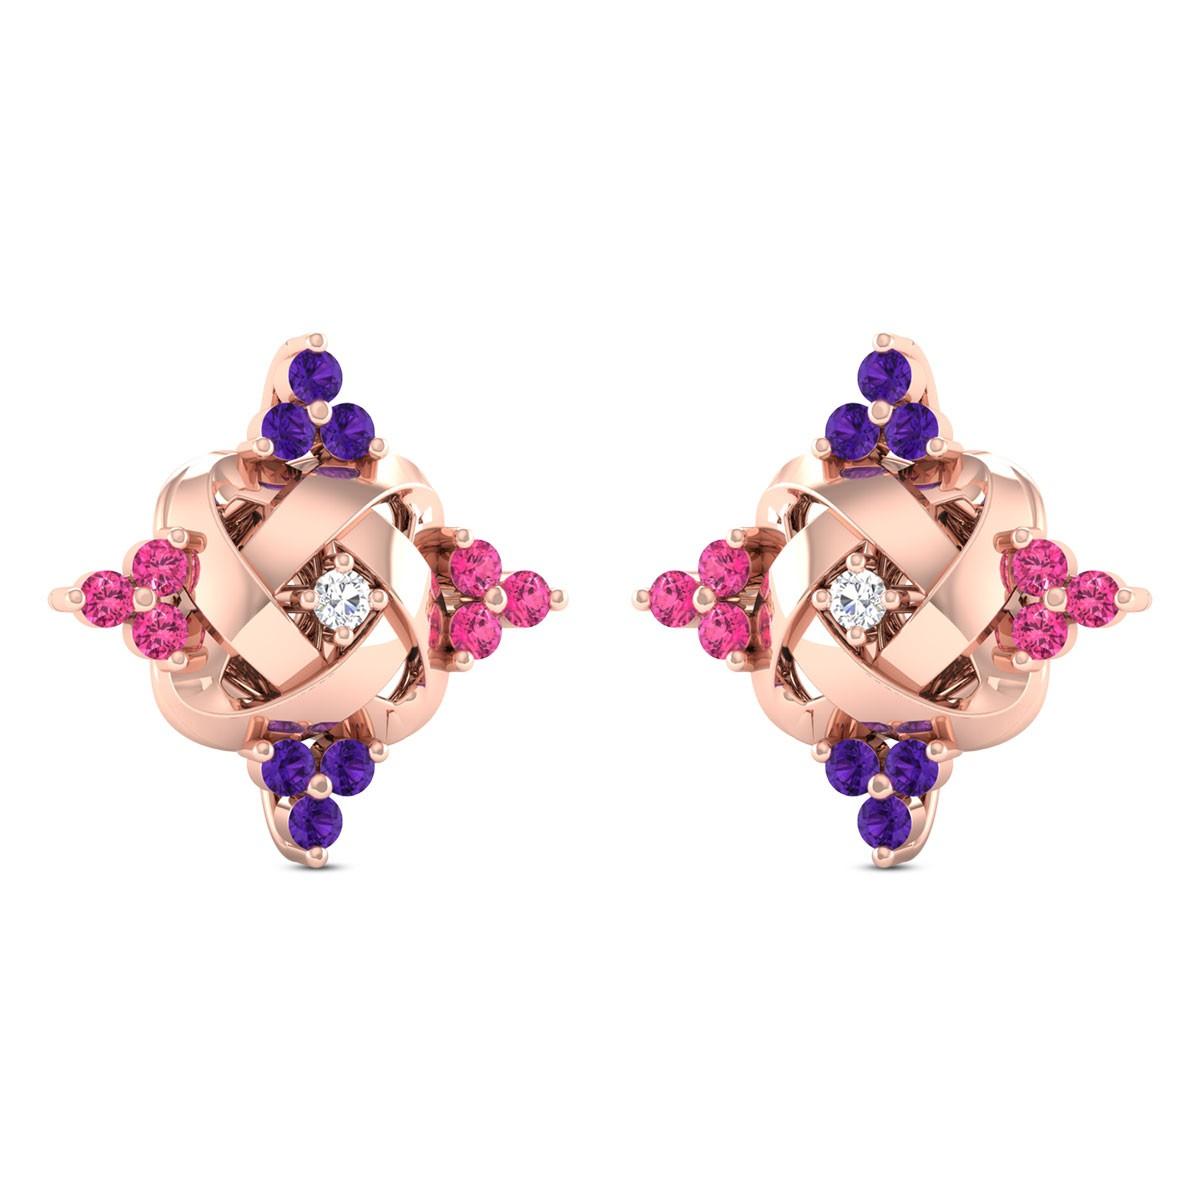 Anwil Diamond Stud Earrings